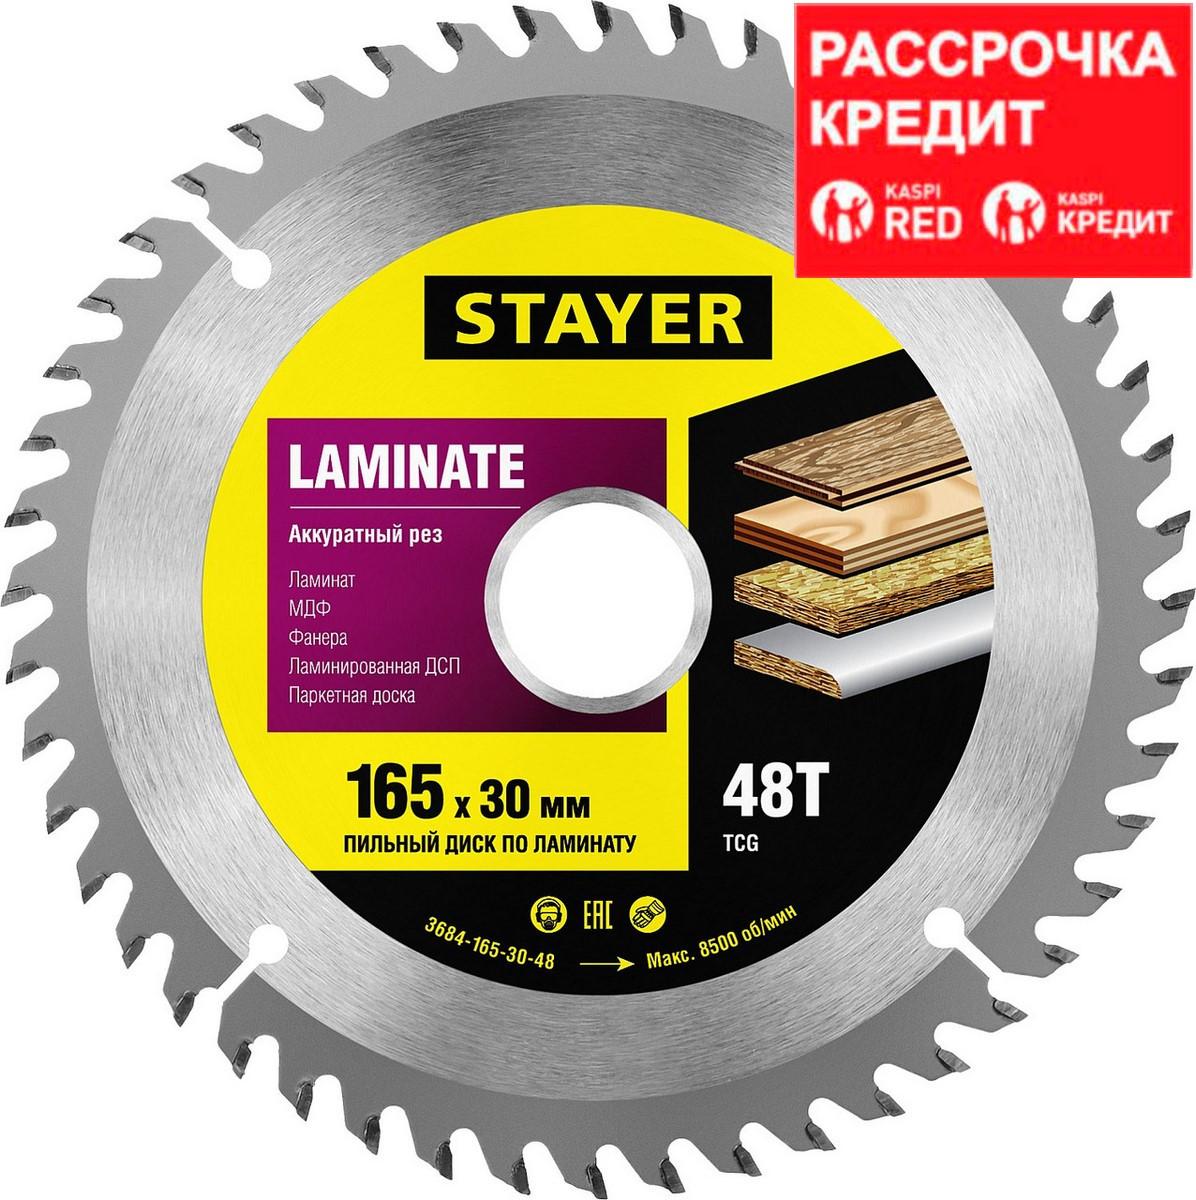 STAYER Laminate 165 x 30мм 48Т, диск пильный по ламинату, аккуратный рез (3684-165-30-48)